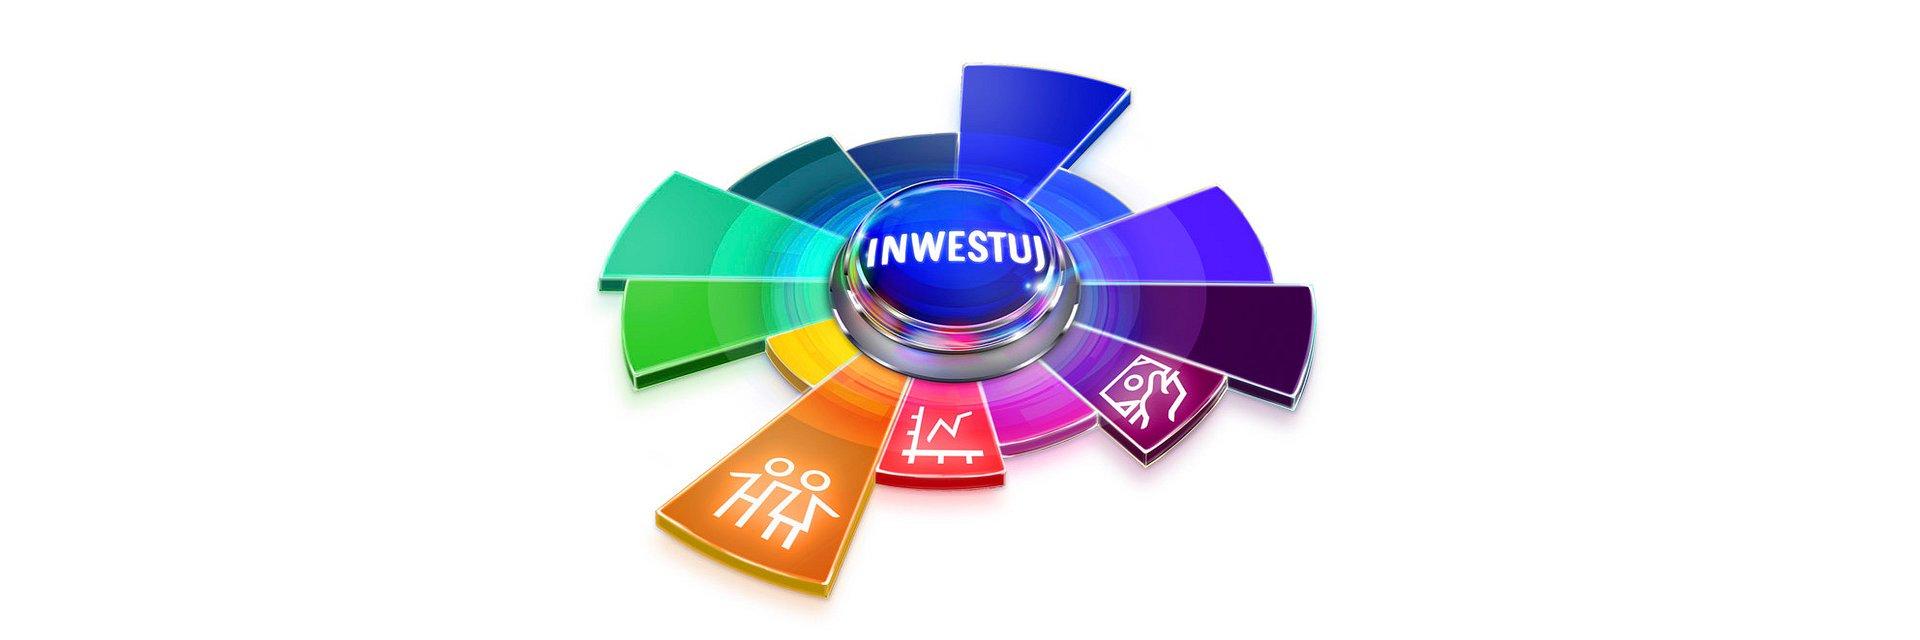 Inwestomat - cyfrowa rewolucja w ofercie funduszy inwestycyjnych w PKO Banku Polskim